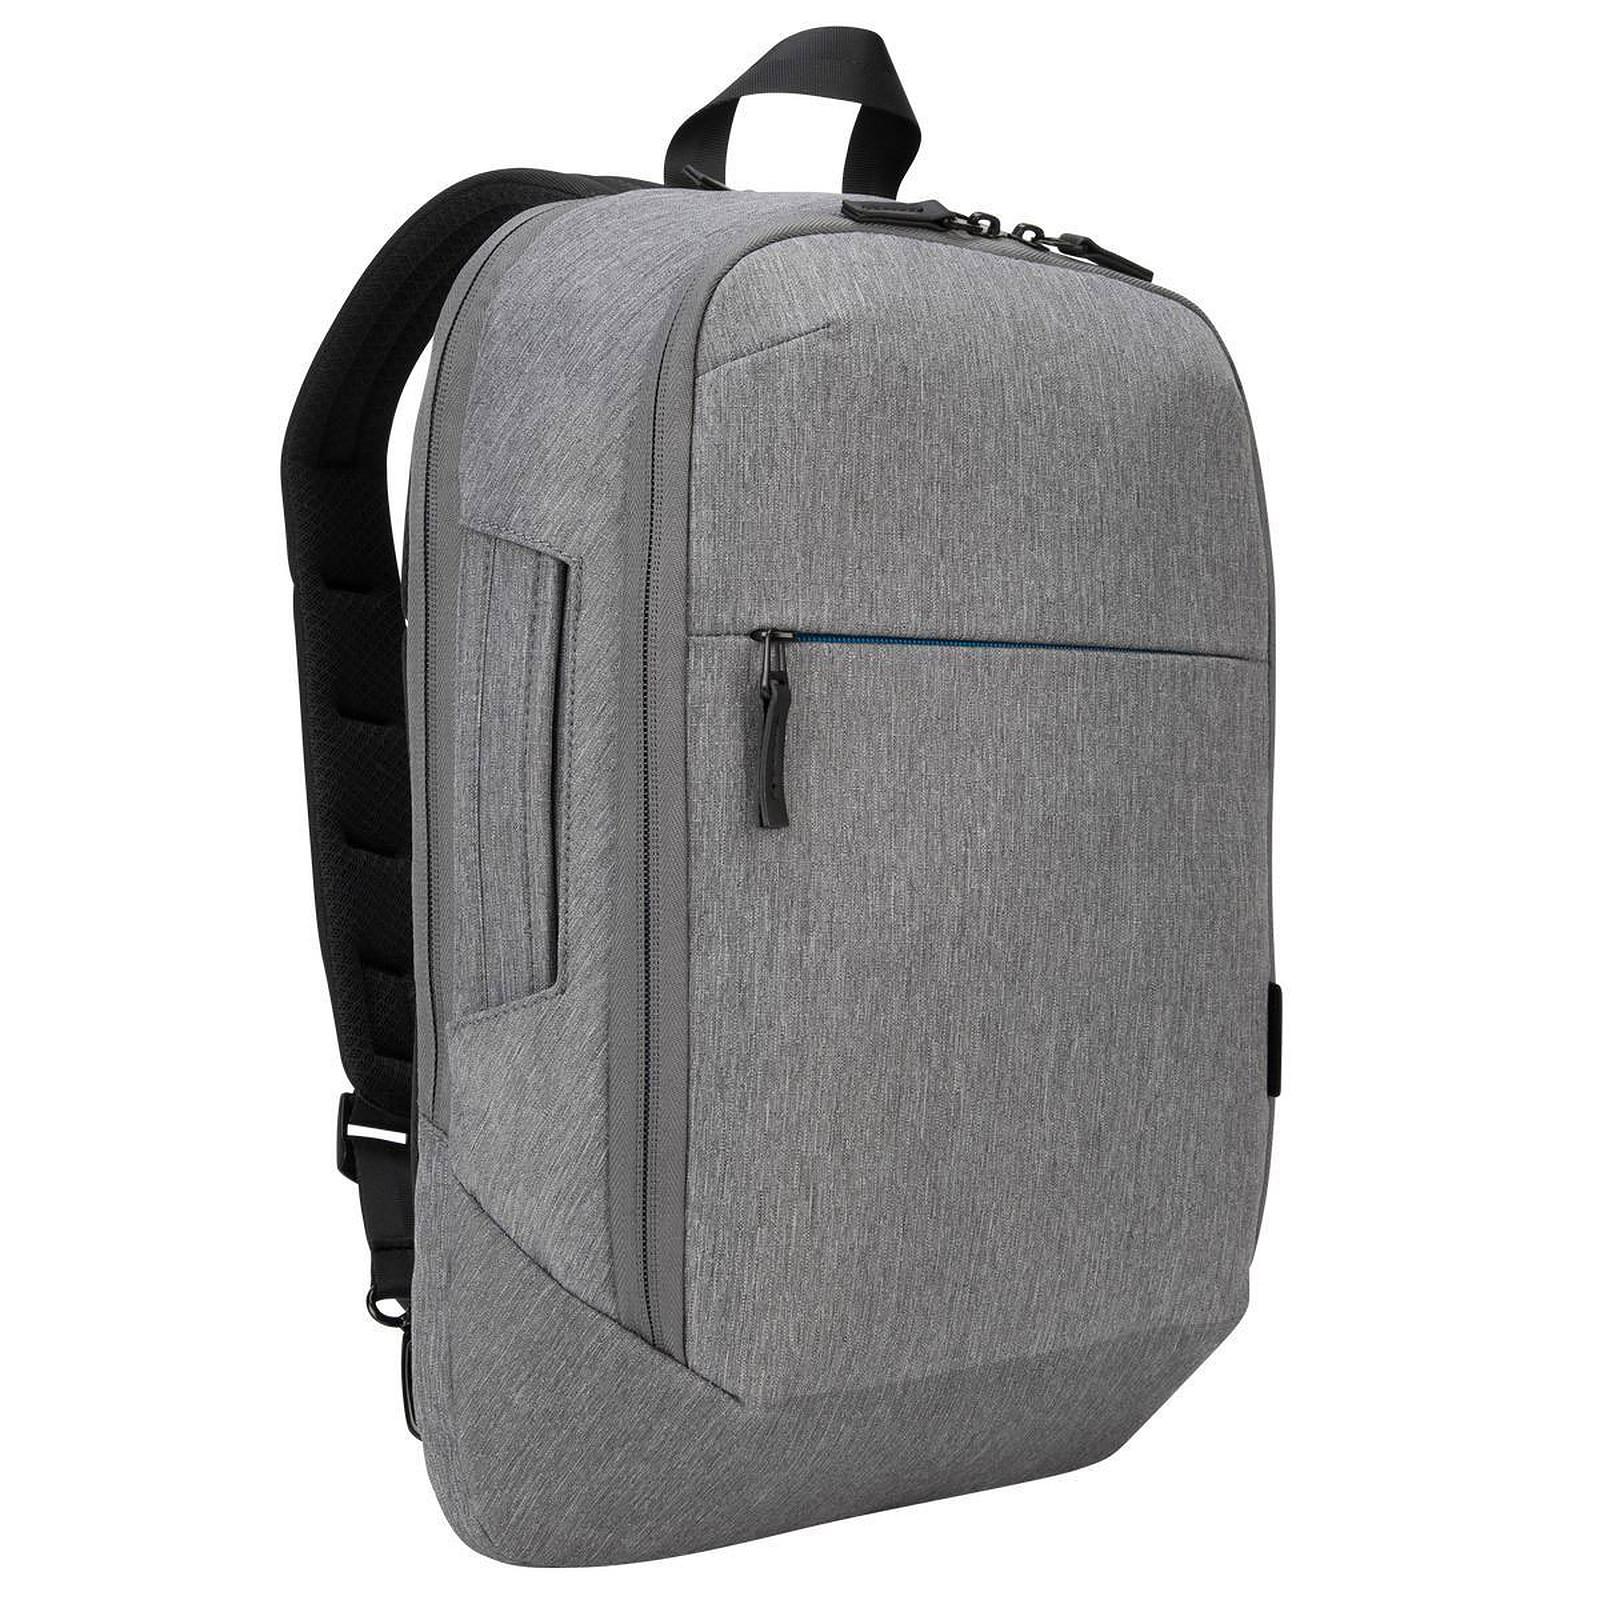 38f0eaa92f Targus CityLite Compact Backpack Sac à dos pour ordinateur portable  (jusqu'à 15.6